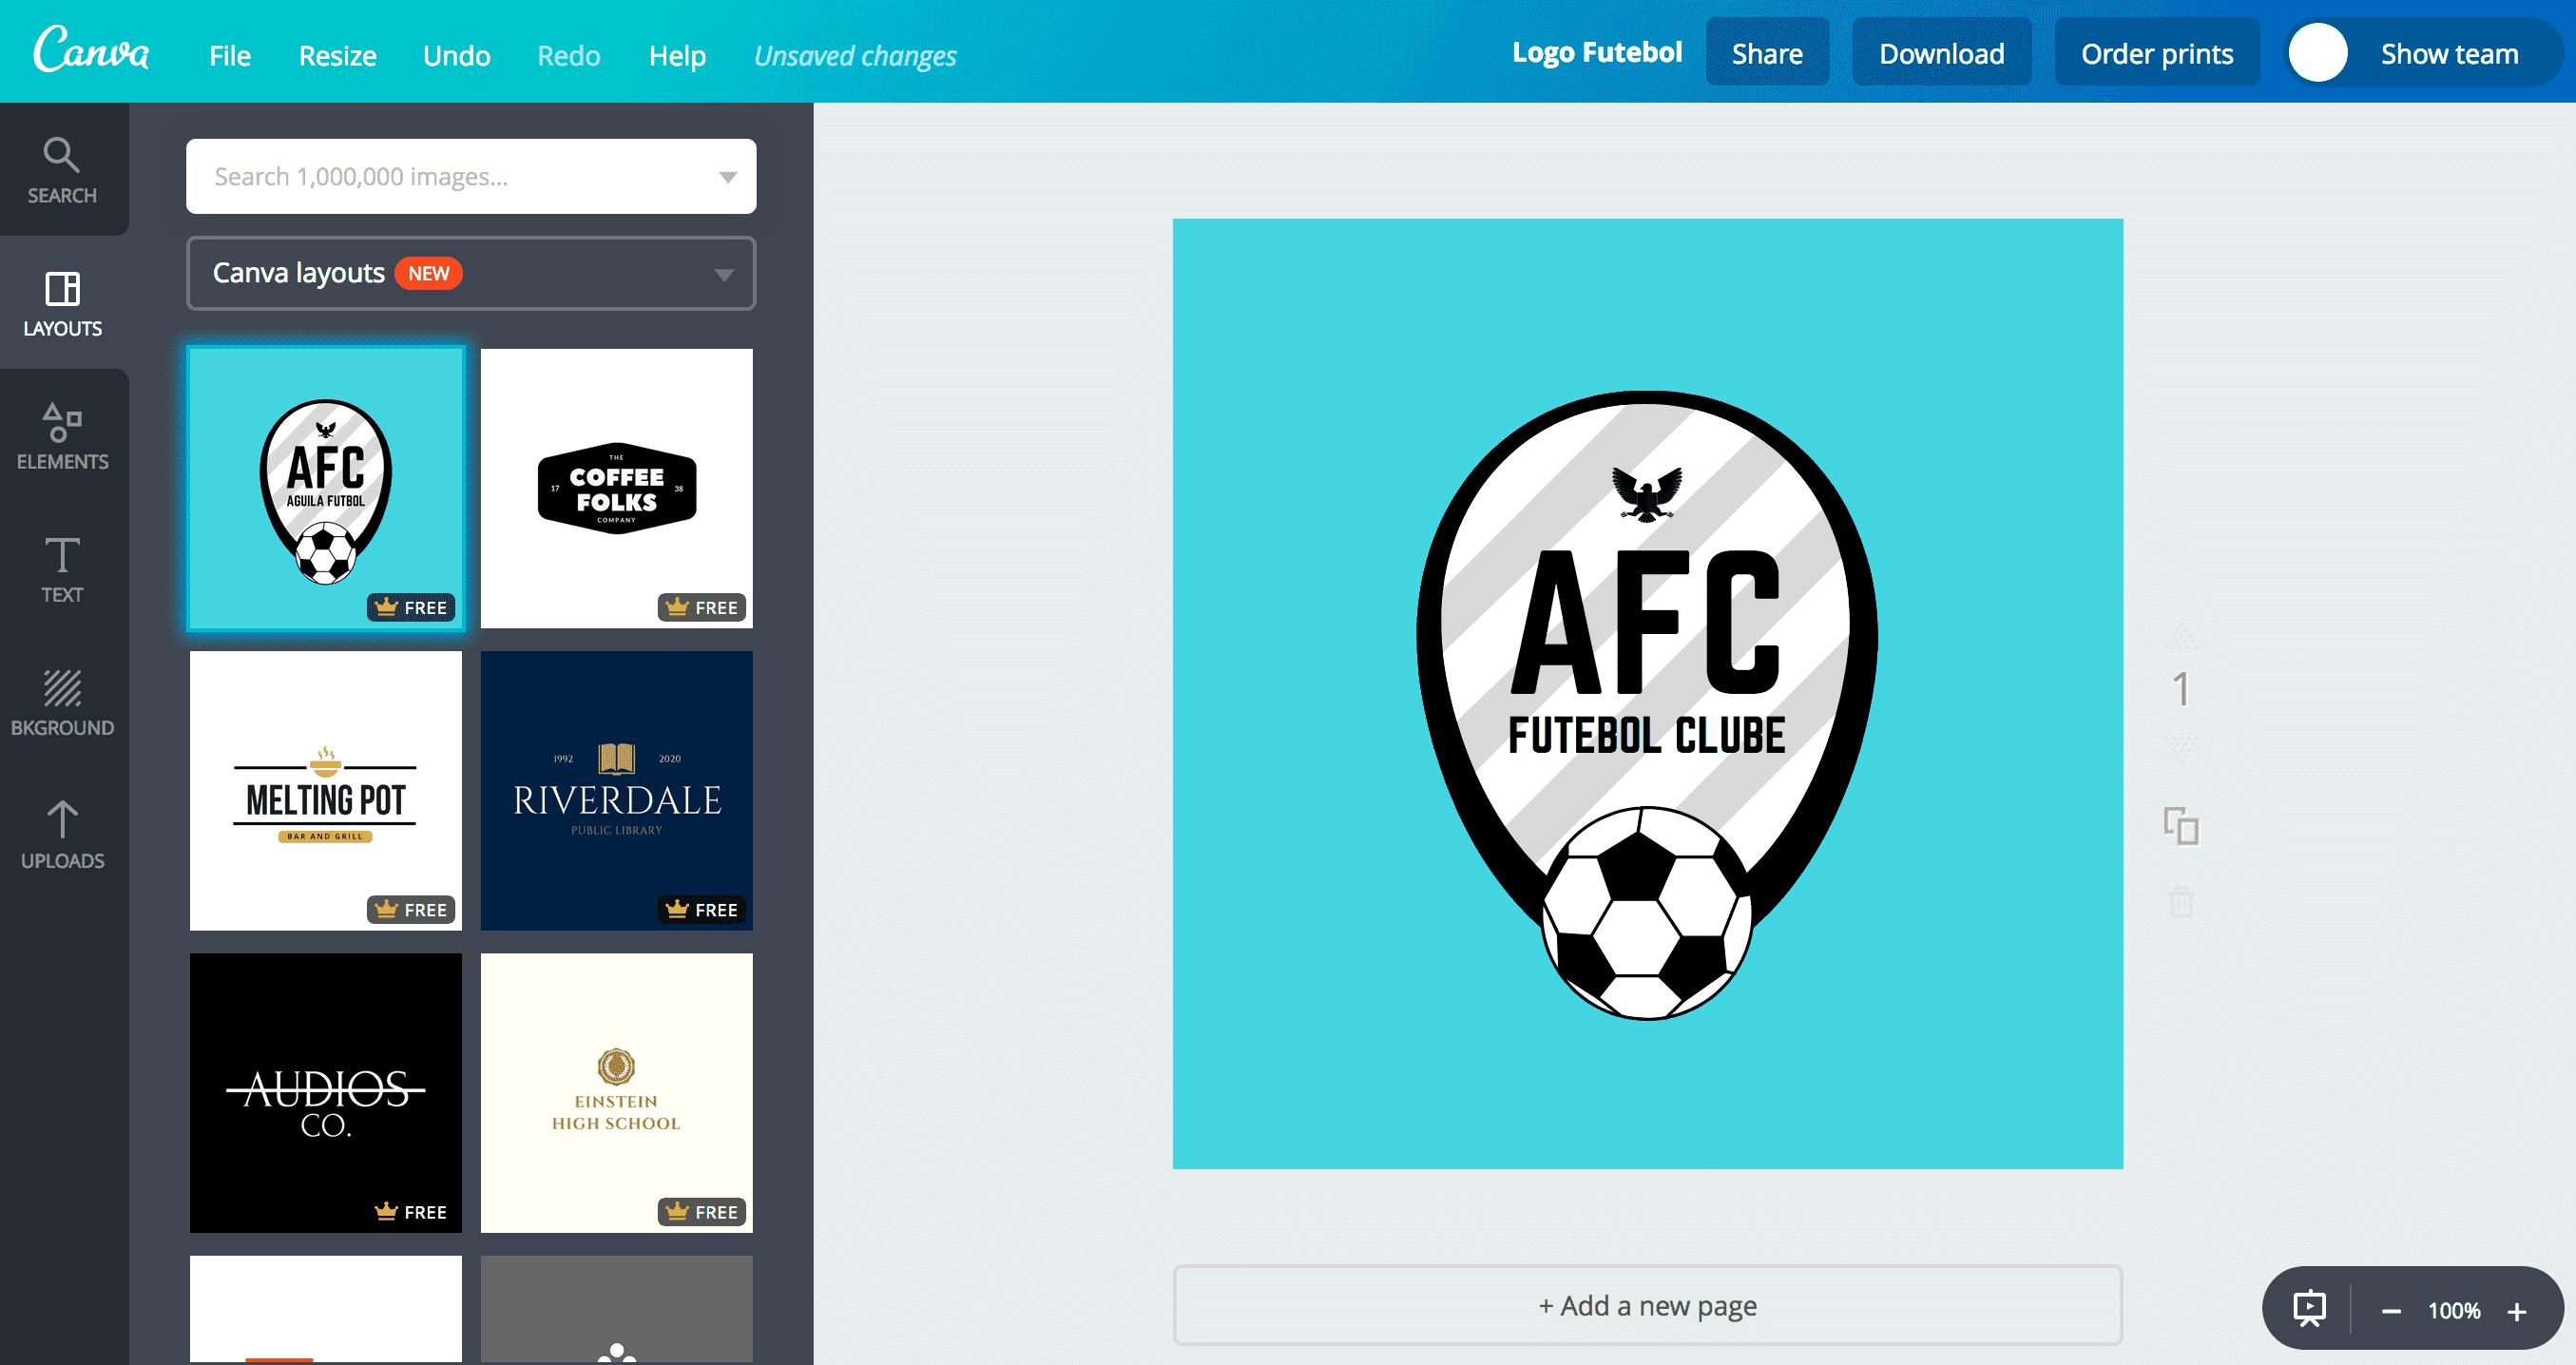 Logo de futebol